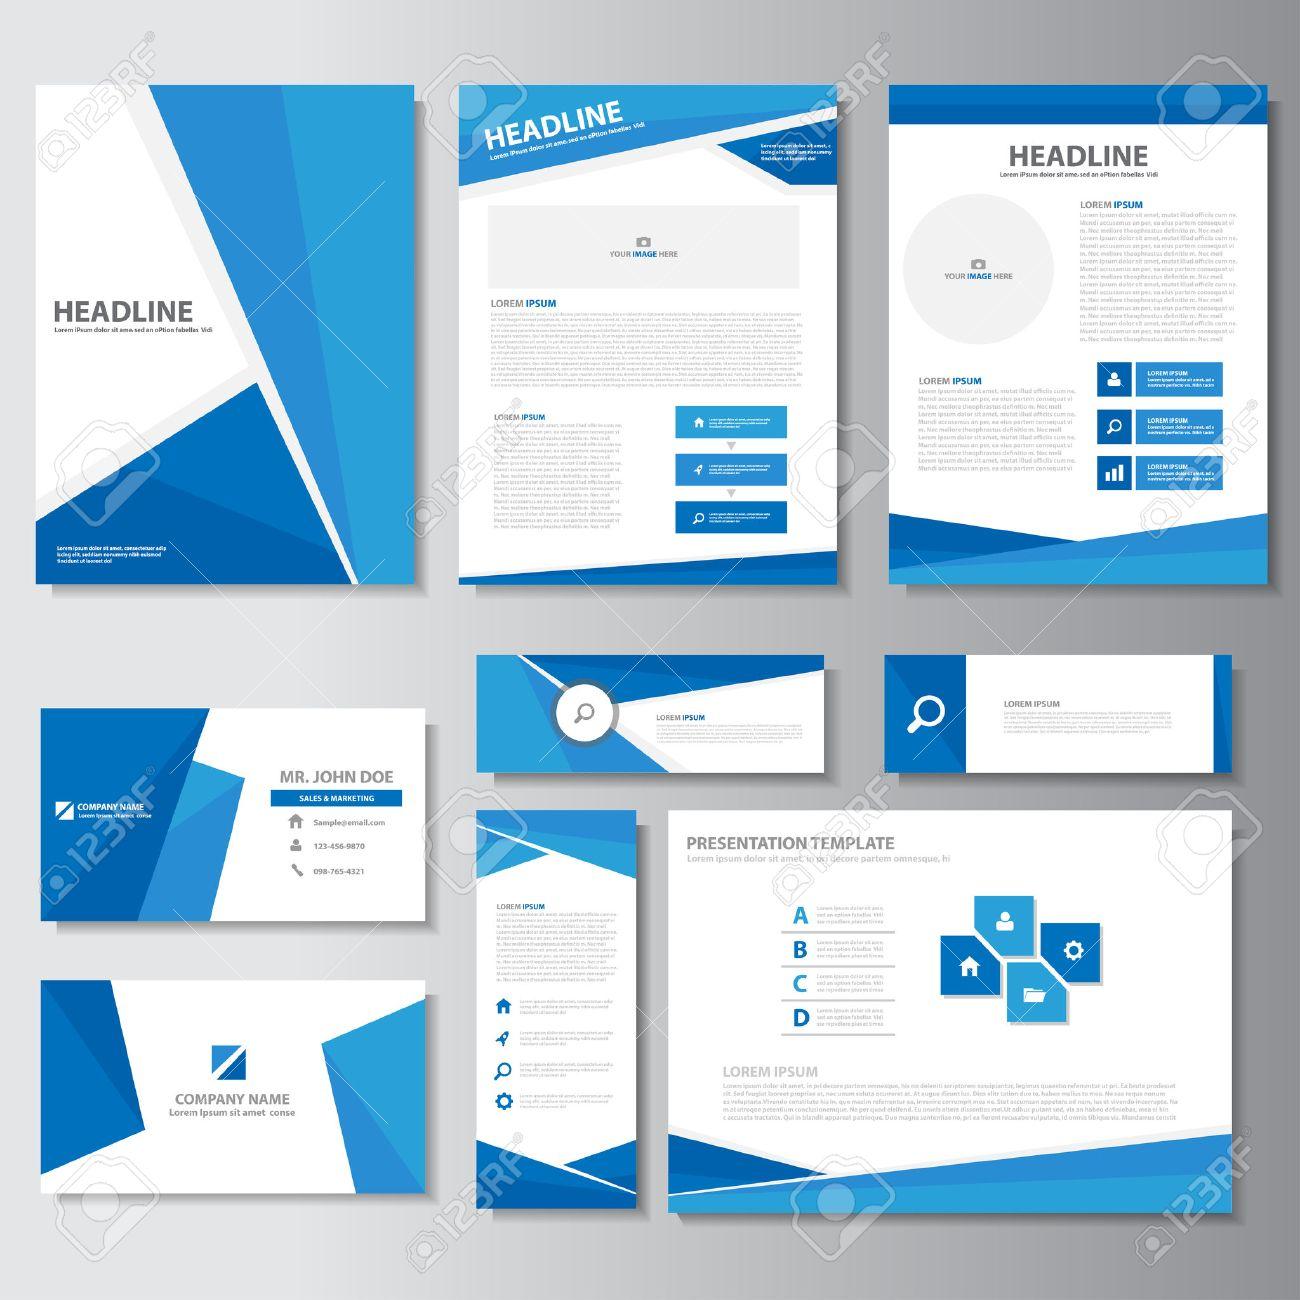 Großartig Probe Marketing Broschüre Galerie - FORTSETZUNG ...